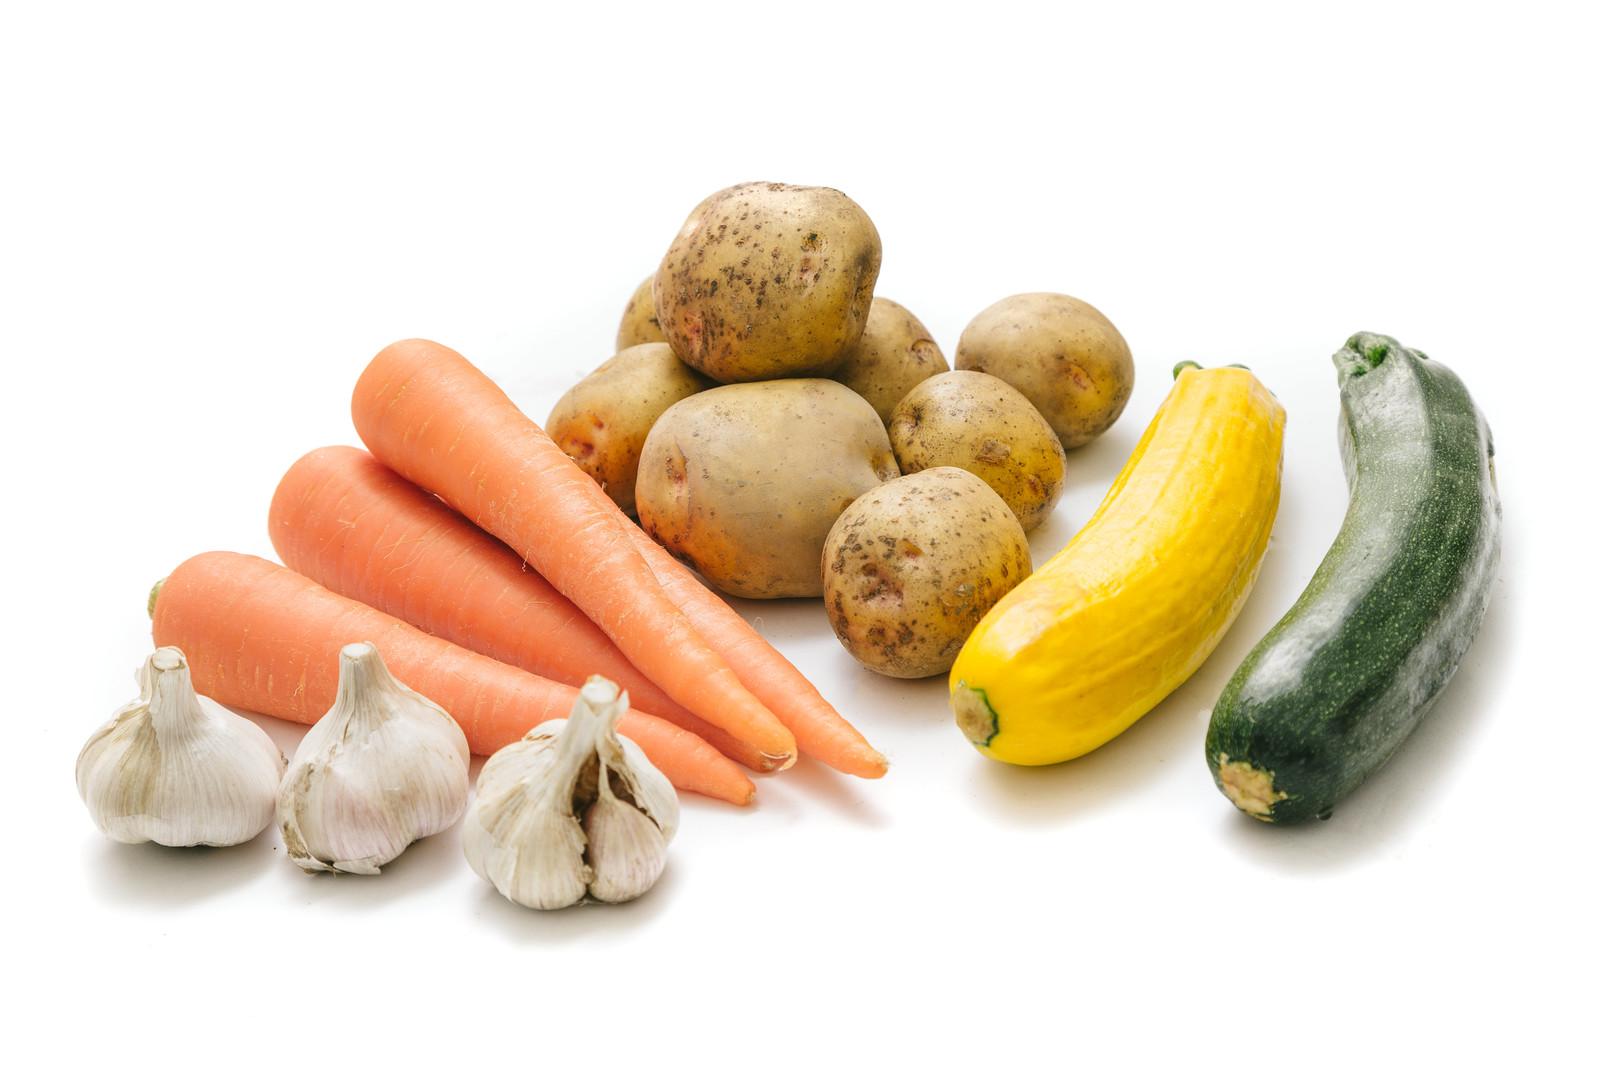 業務スーパーの冷凍野菜おすすめ17選!安全性や値段もチェック!